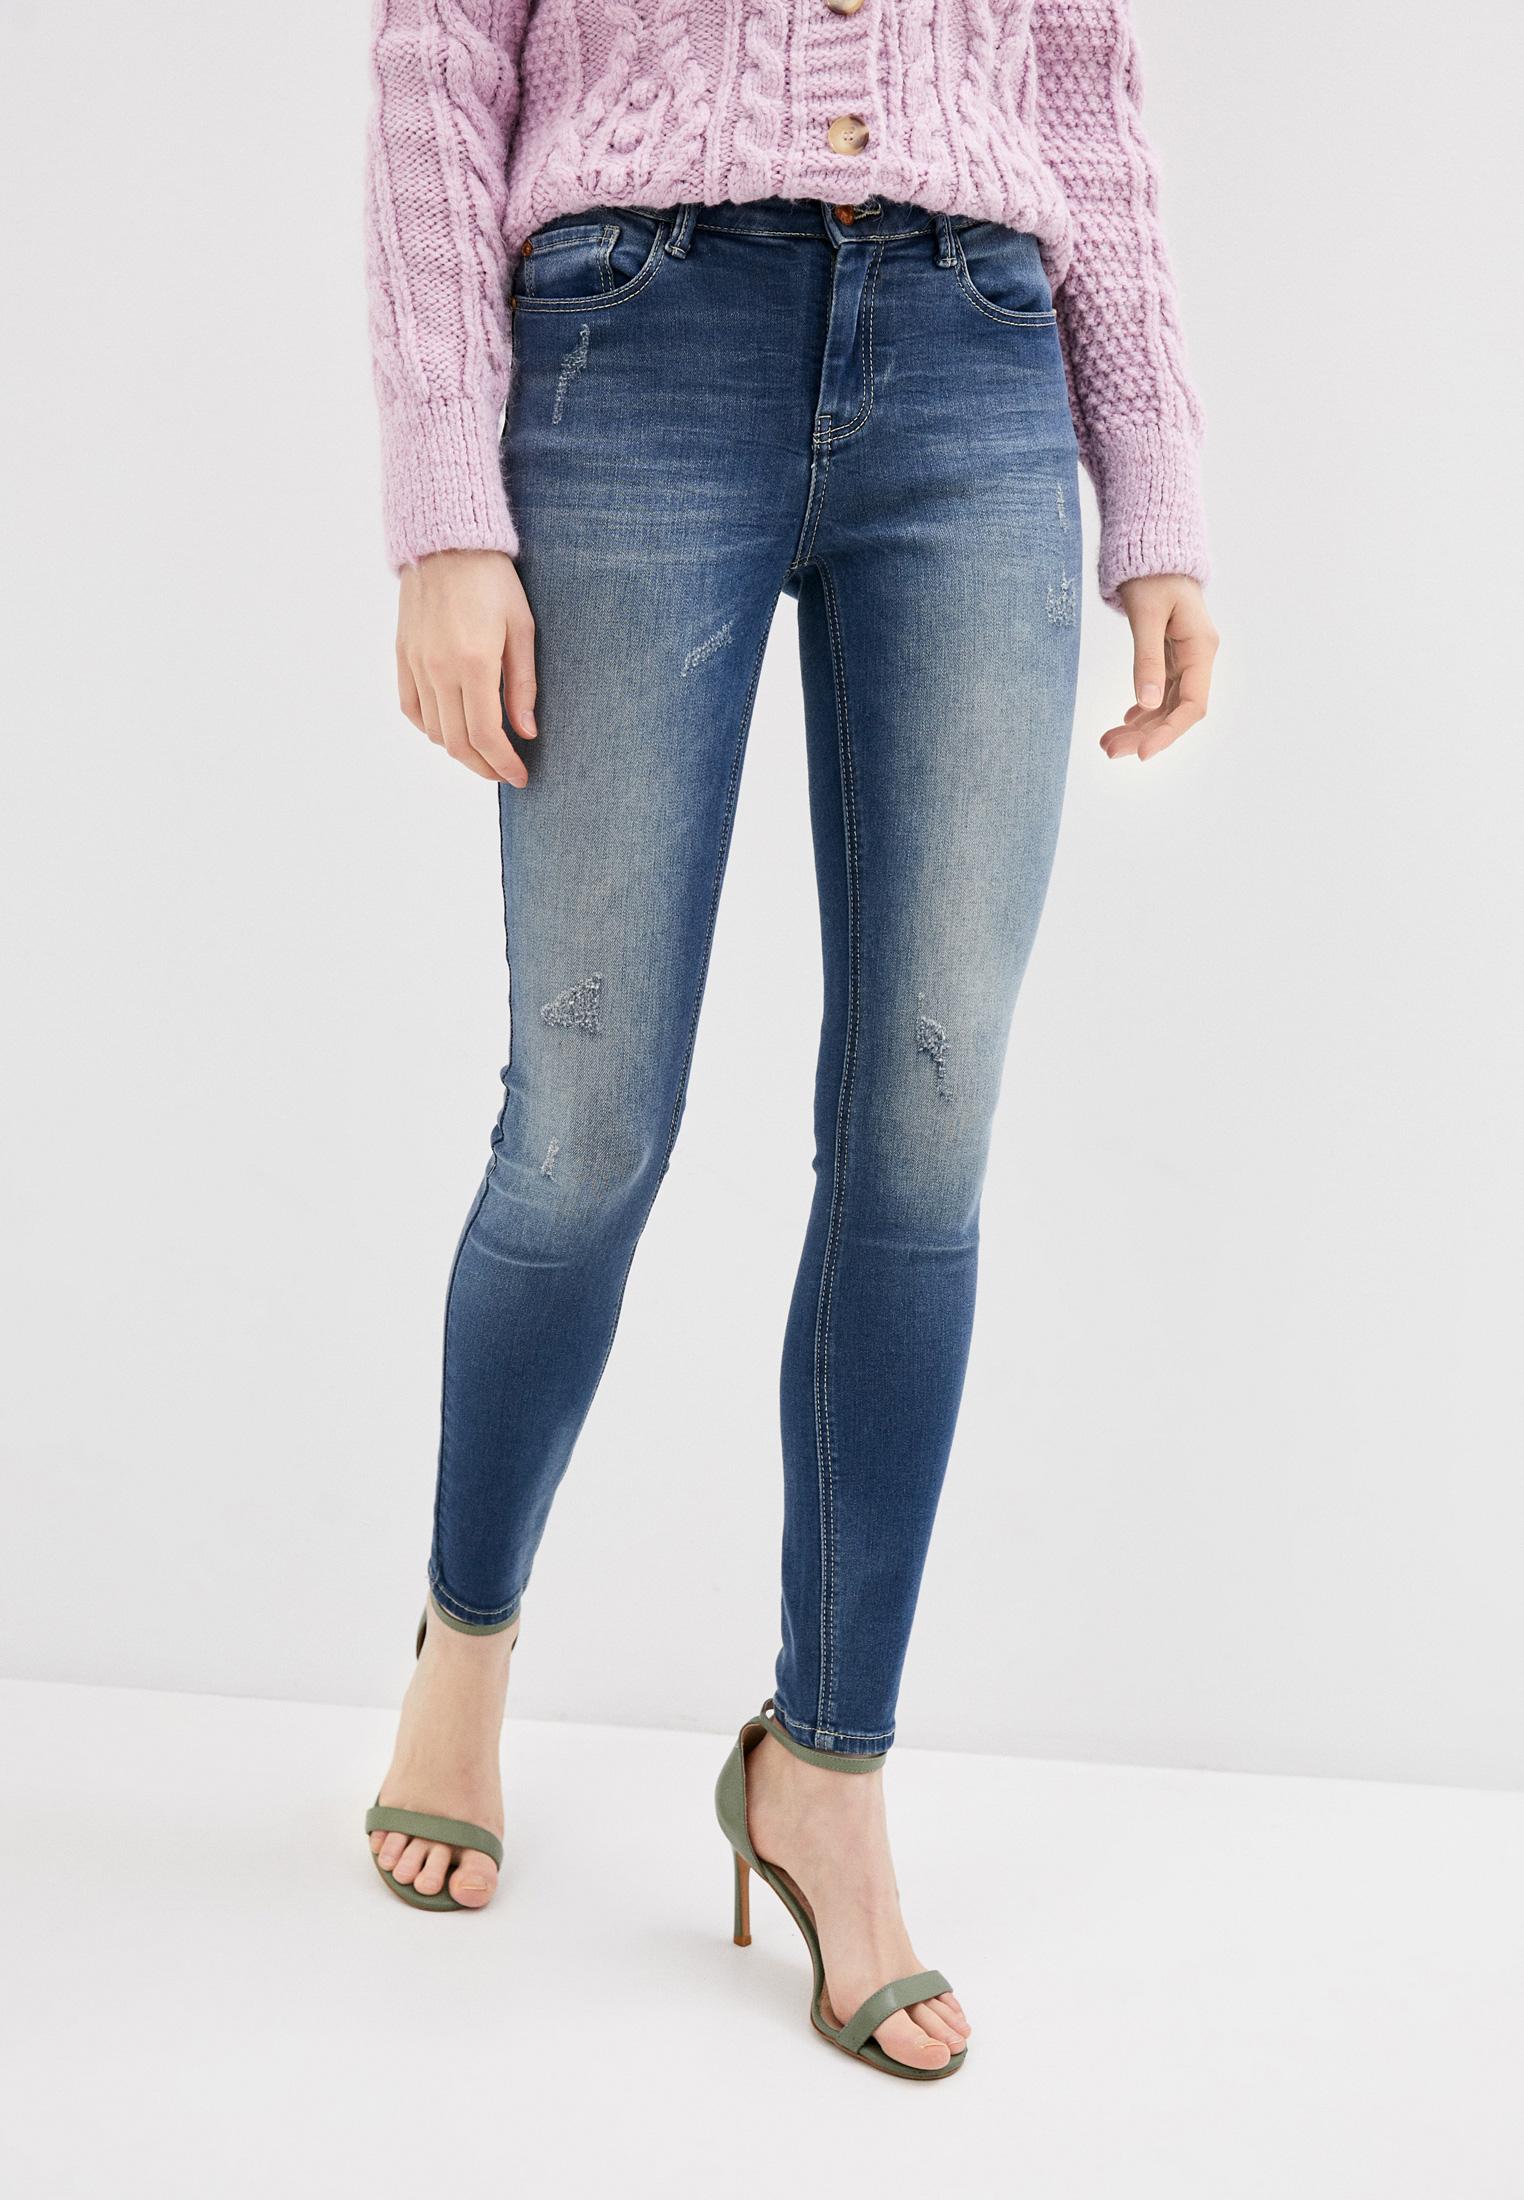 Зауженные джинсы Jacqueline de Yong Джинсы Jacqueline de Yong